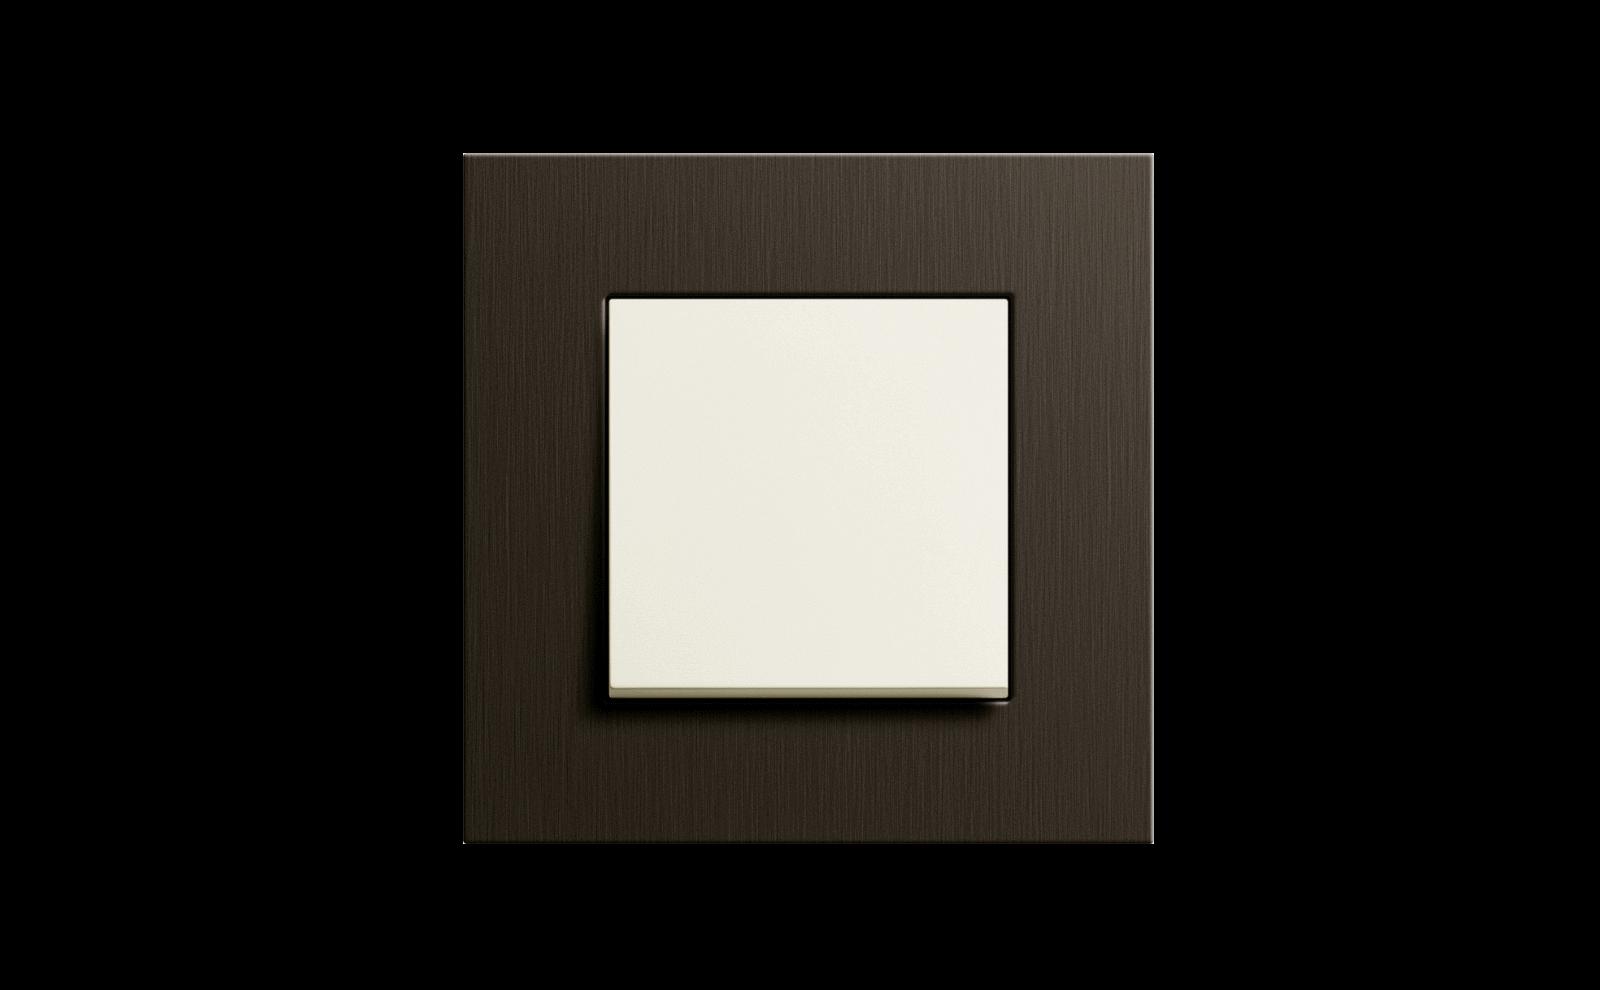 Gira Schalter, Esprit Aluminium braun cremeweiss glänzend